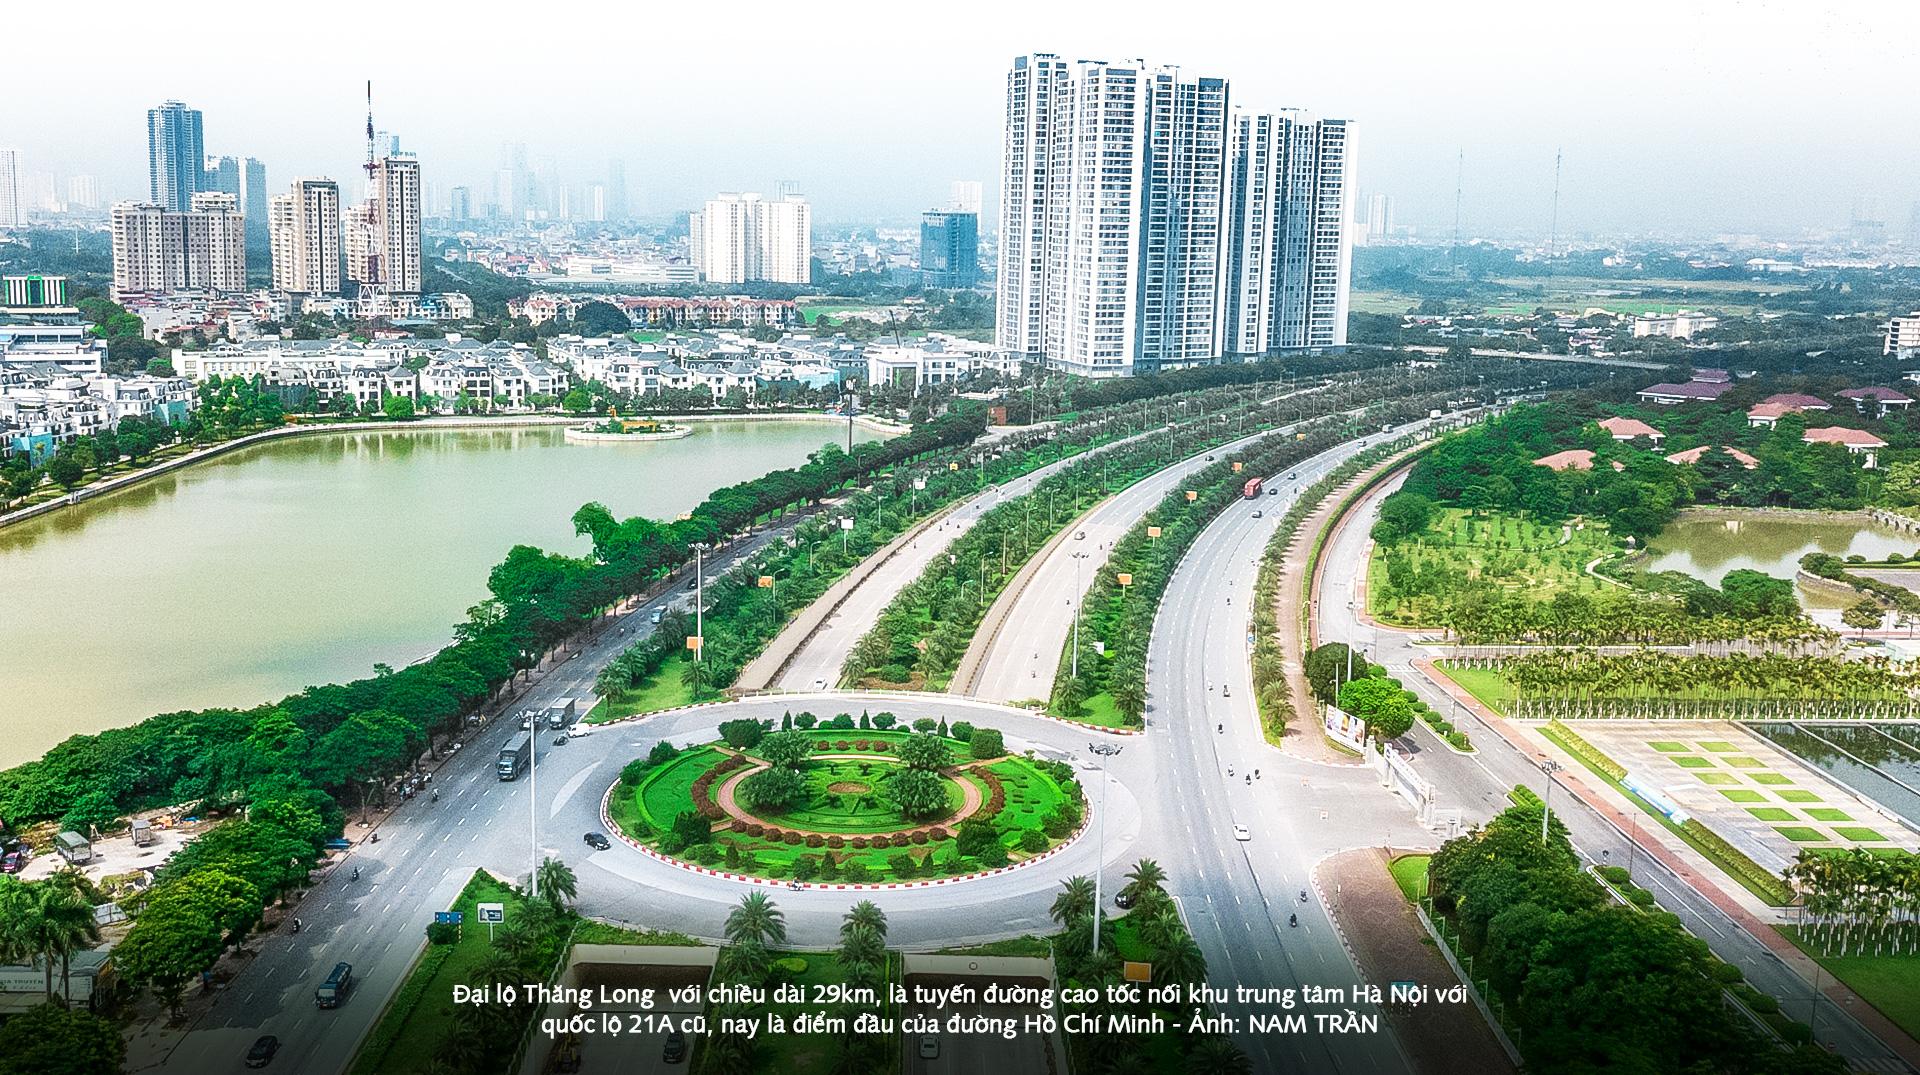 Trung tâm mới phía Tây Hà Nội thu hút nhà đầu tư quốc tế - Ảnh 7.